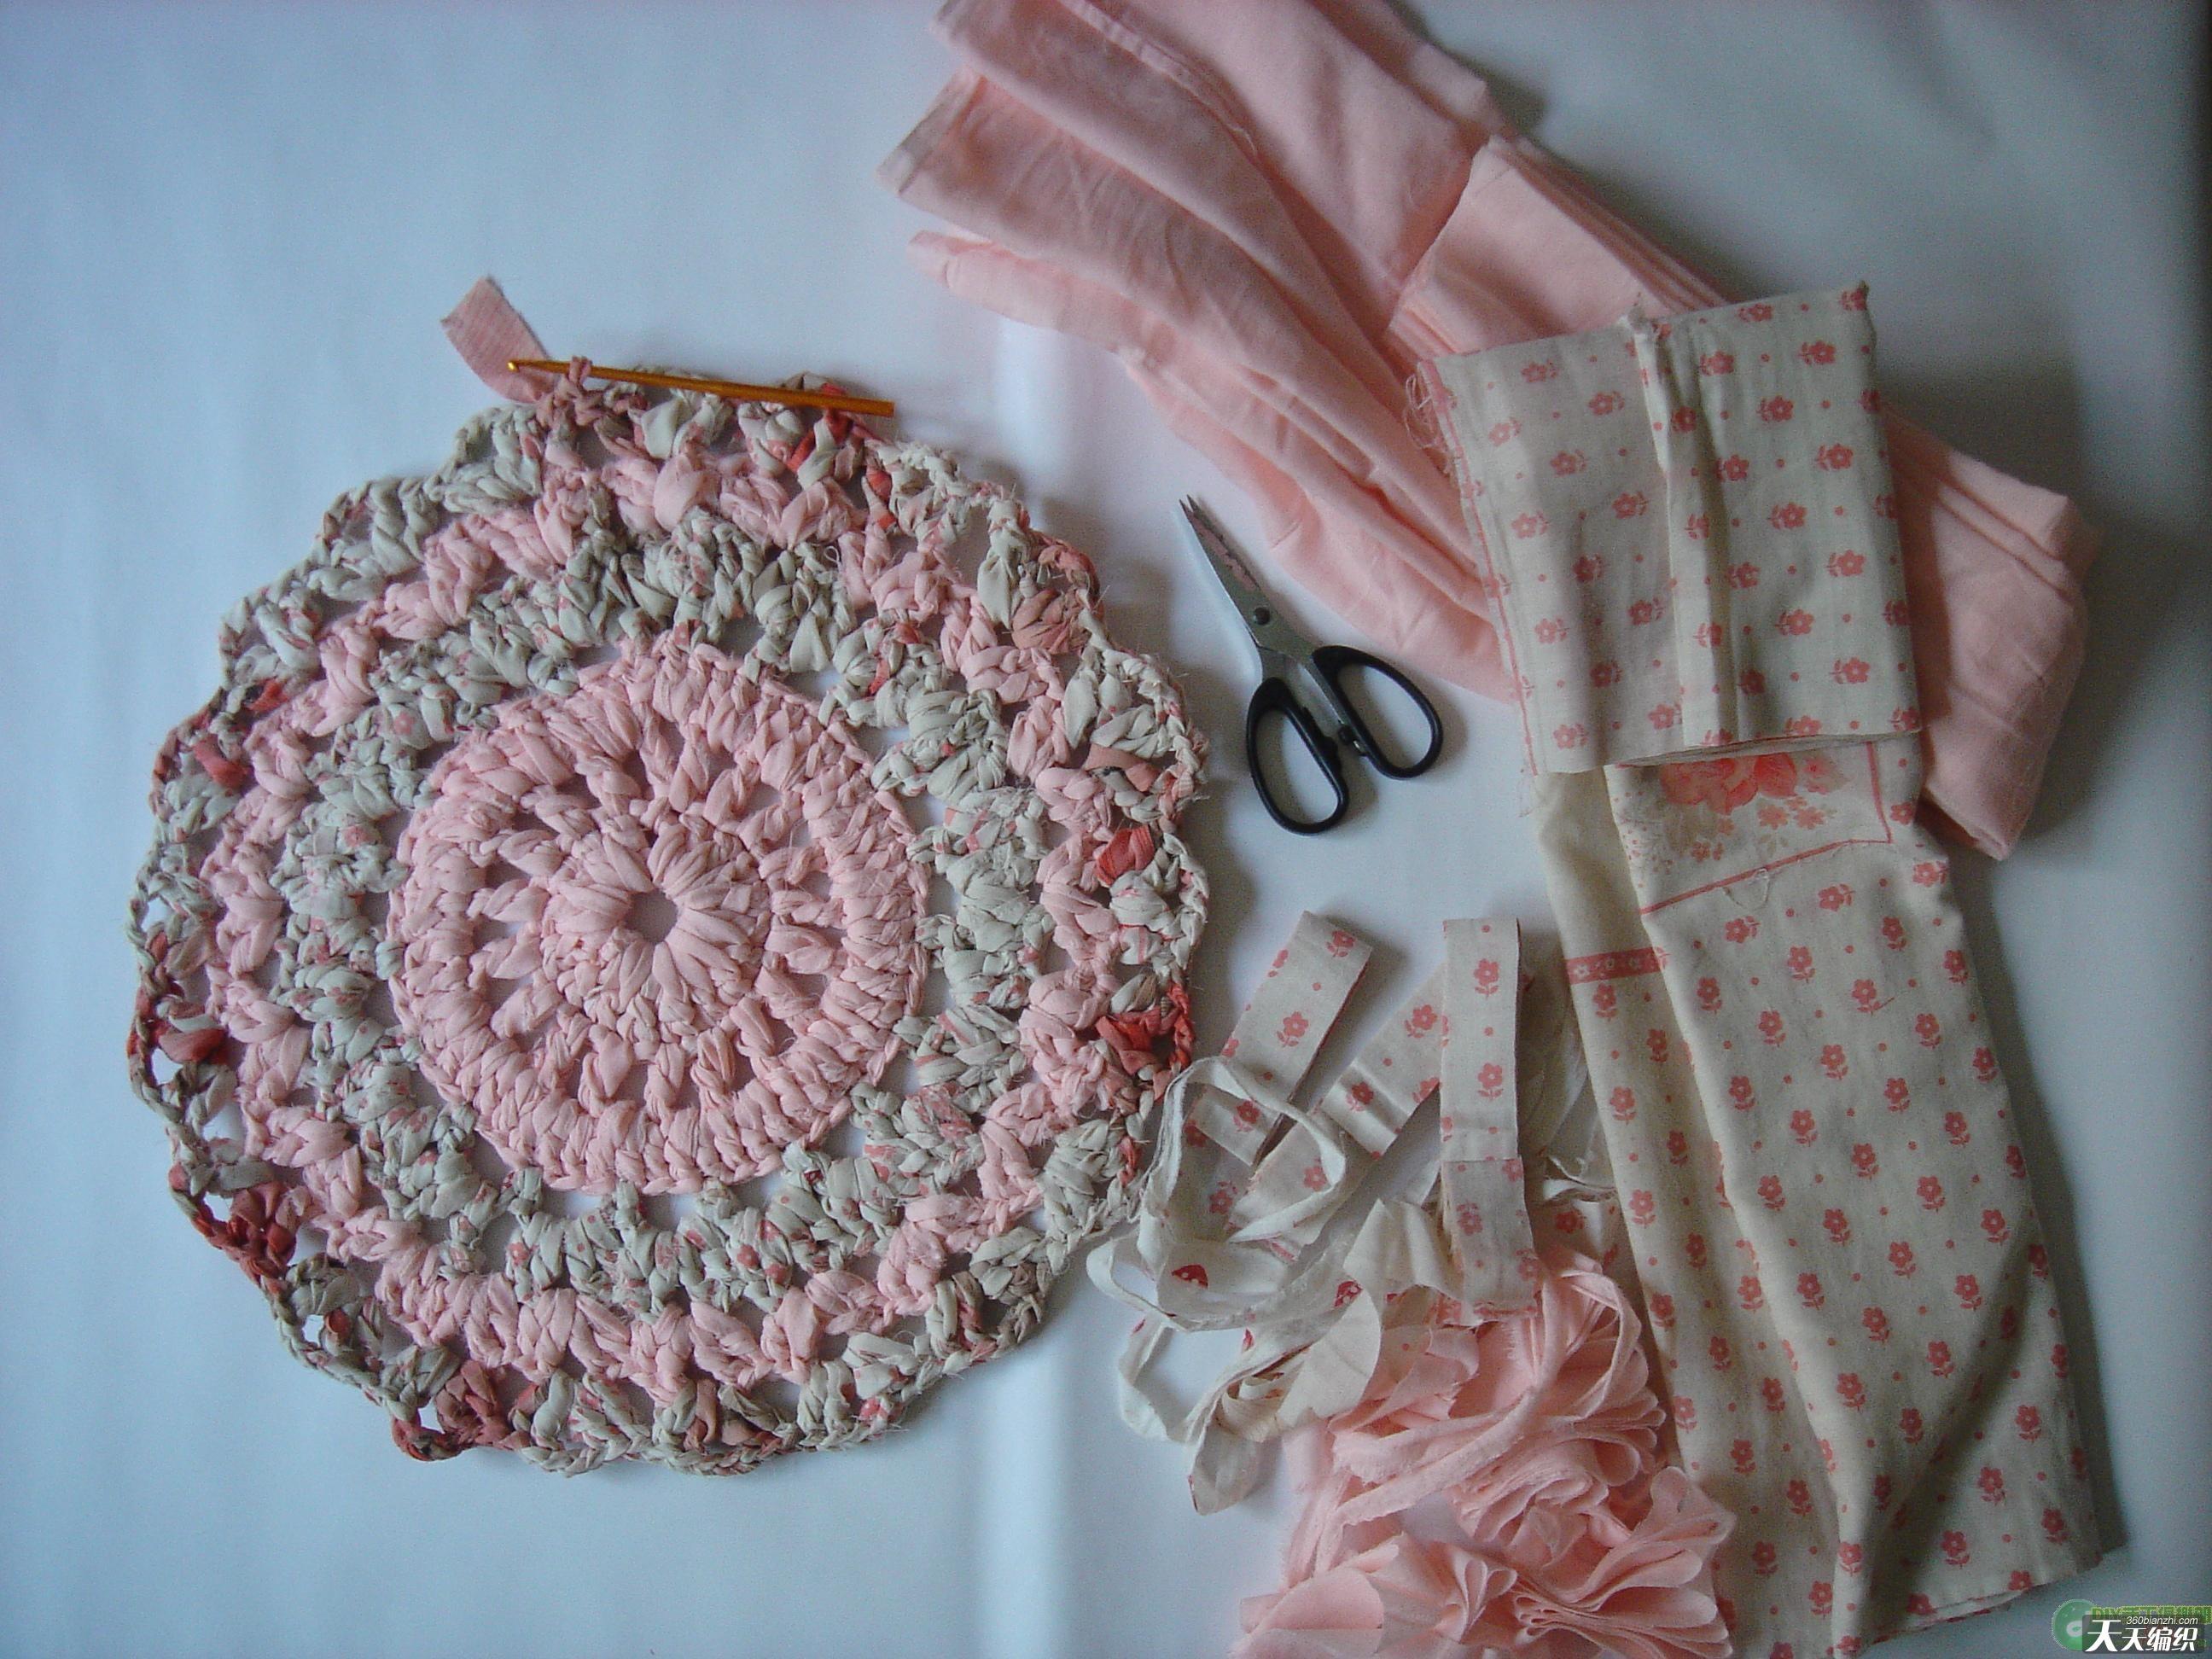 钩针编织坐垫步骤,钩针编织坐垫欣赏 旧床罩改成漂亮的坐垫高清图片